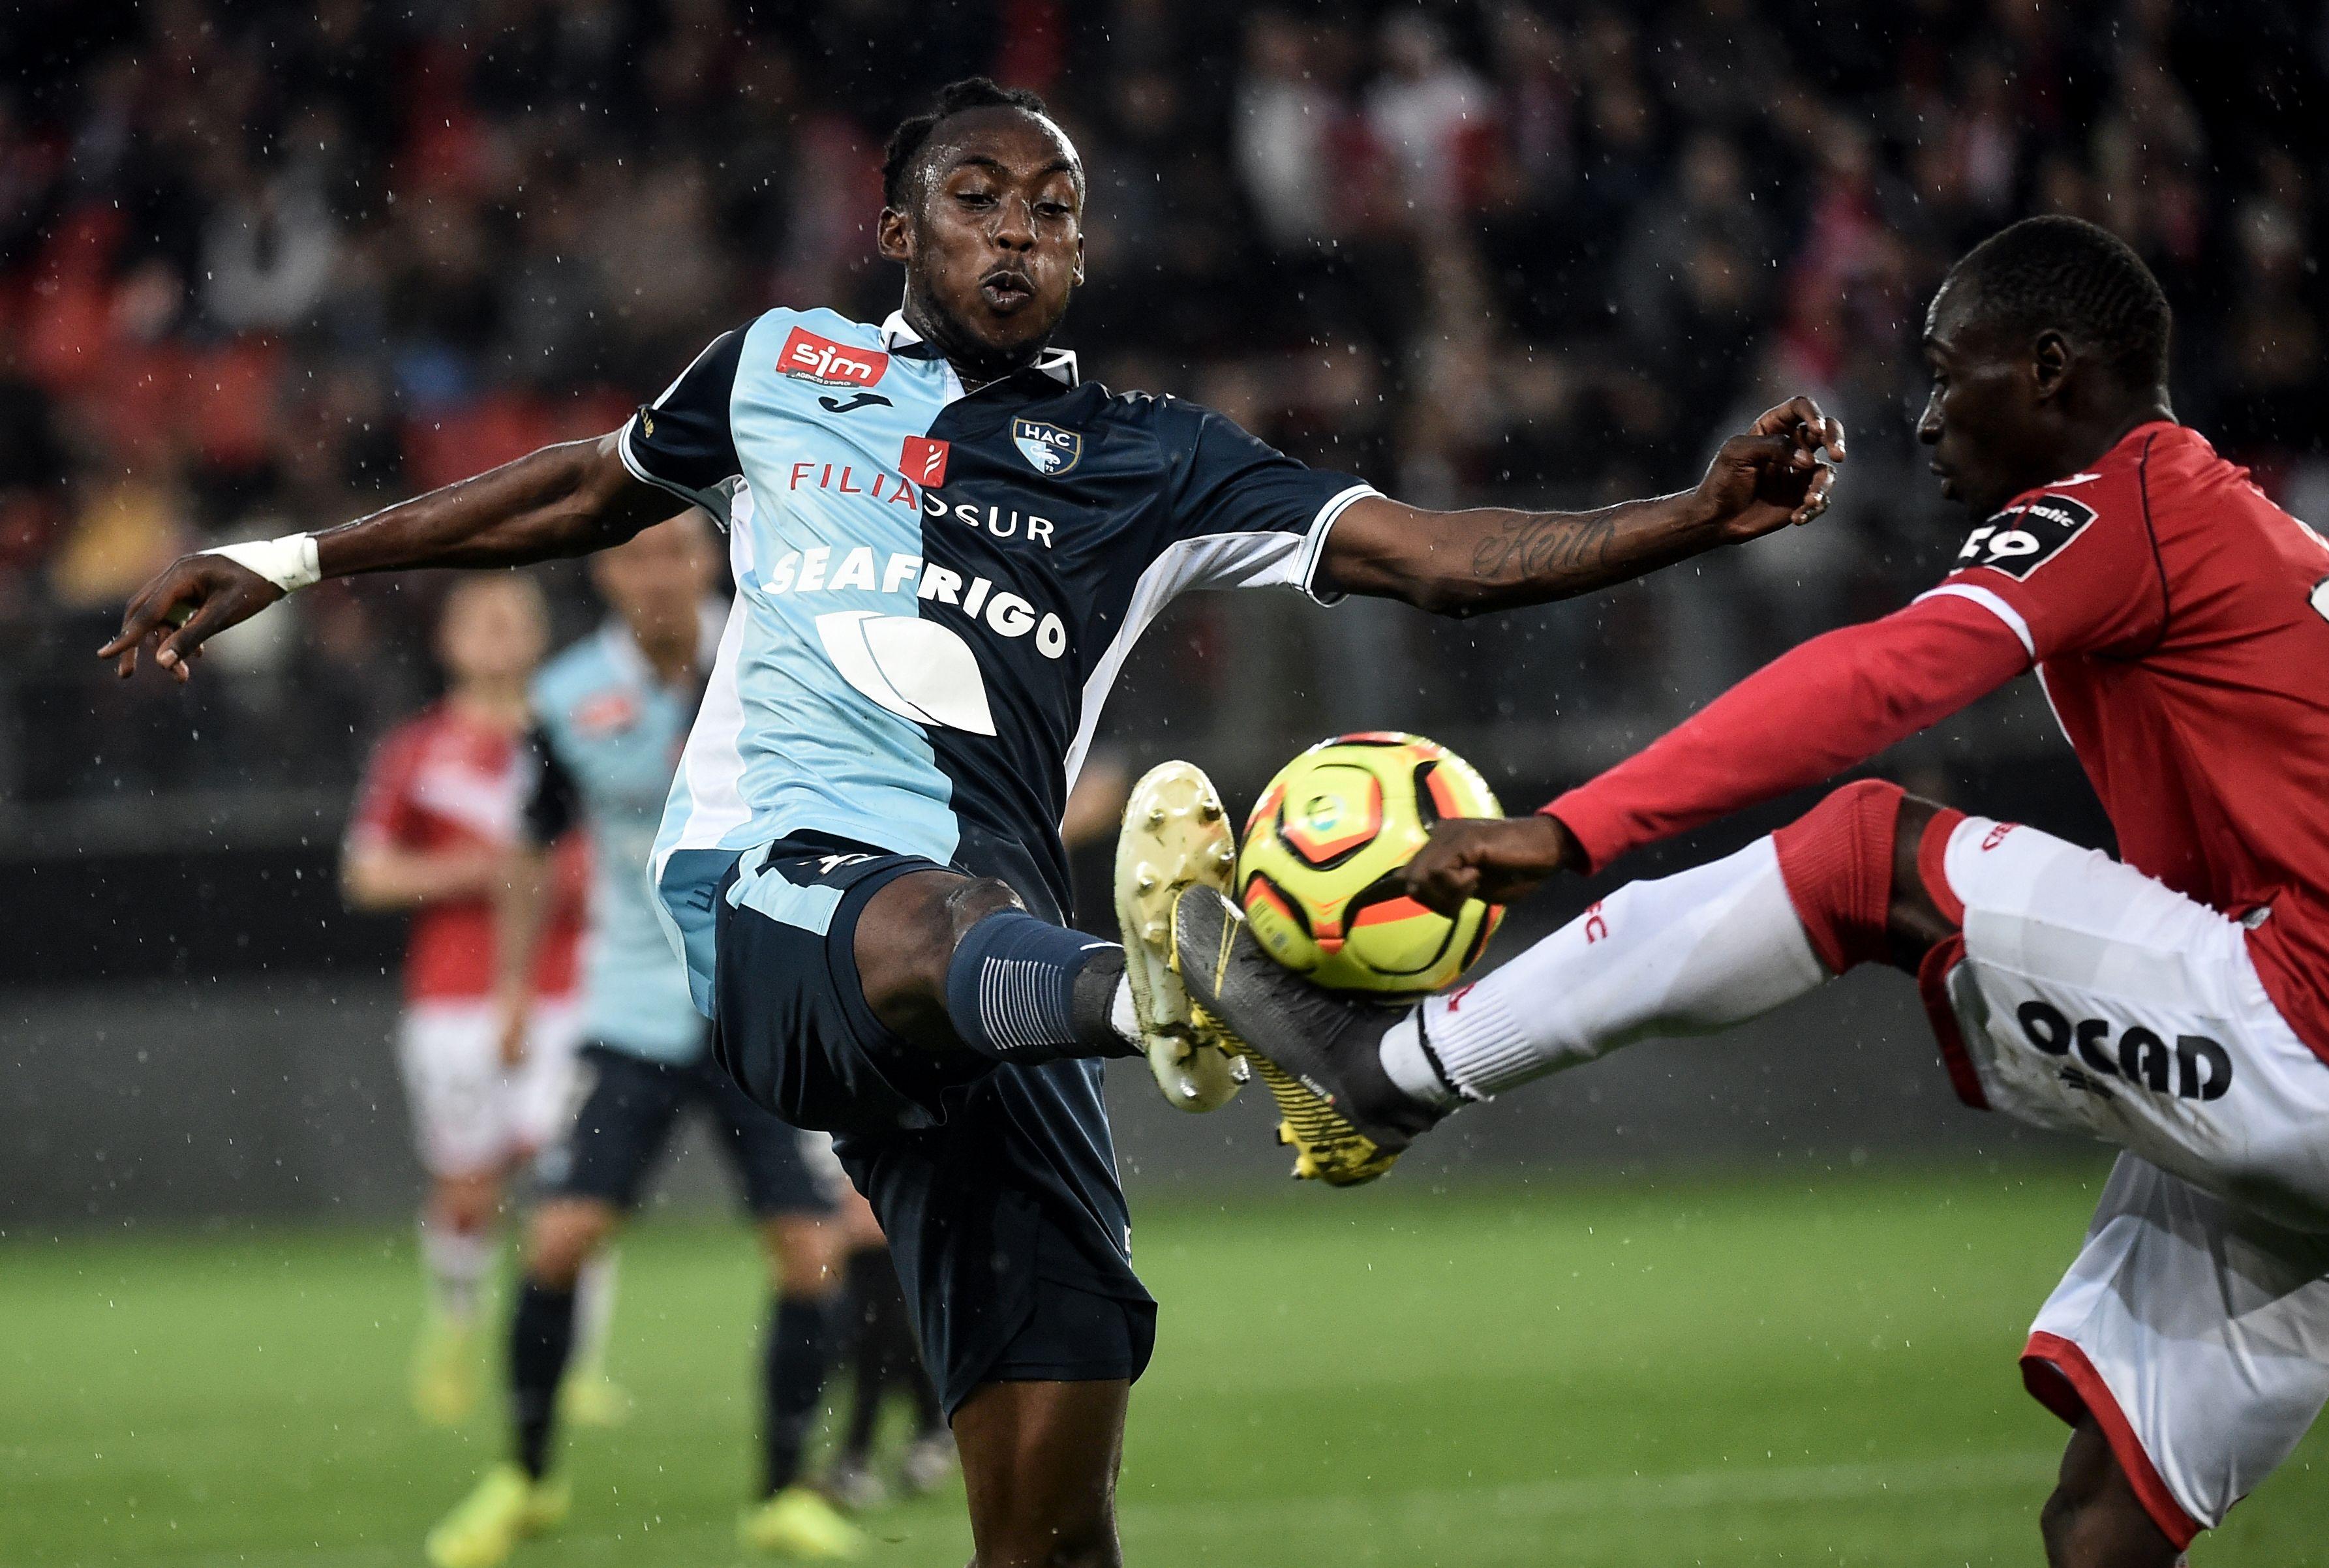 Mercato - Lyon - Tino Kadewere à l'OL, affaire conclue (officiel) !